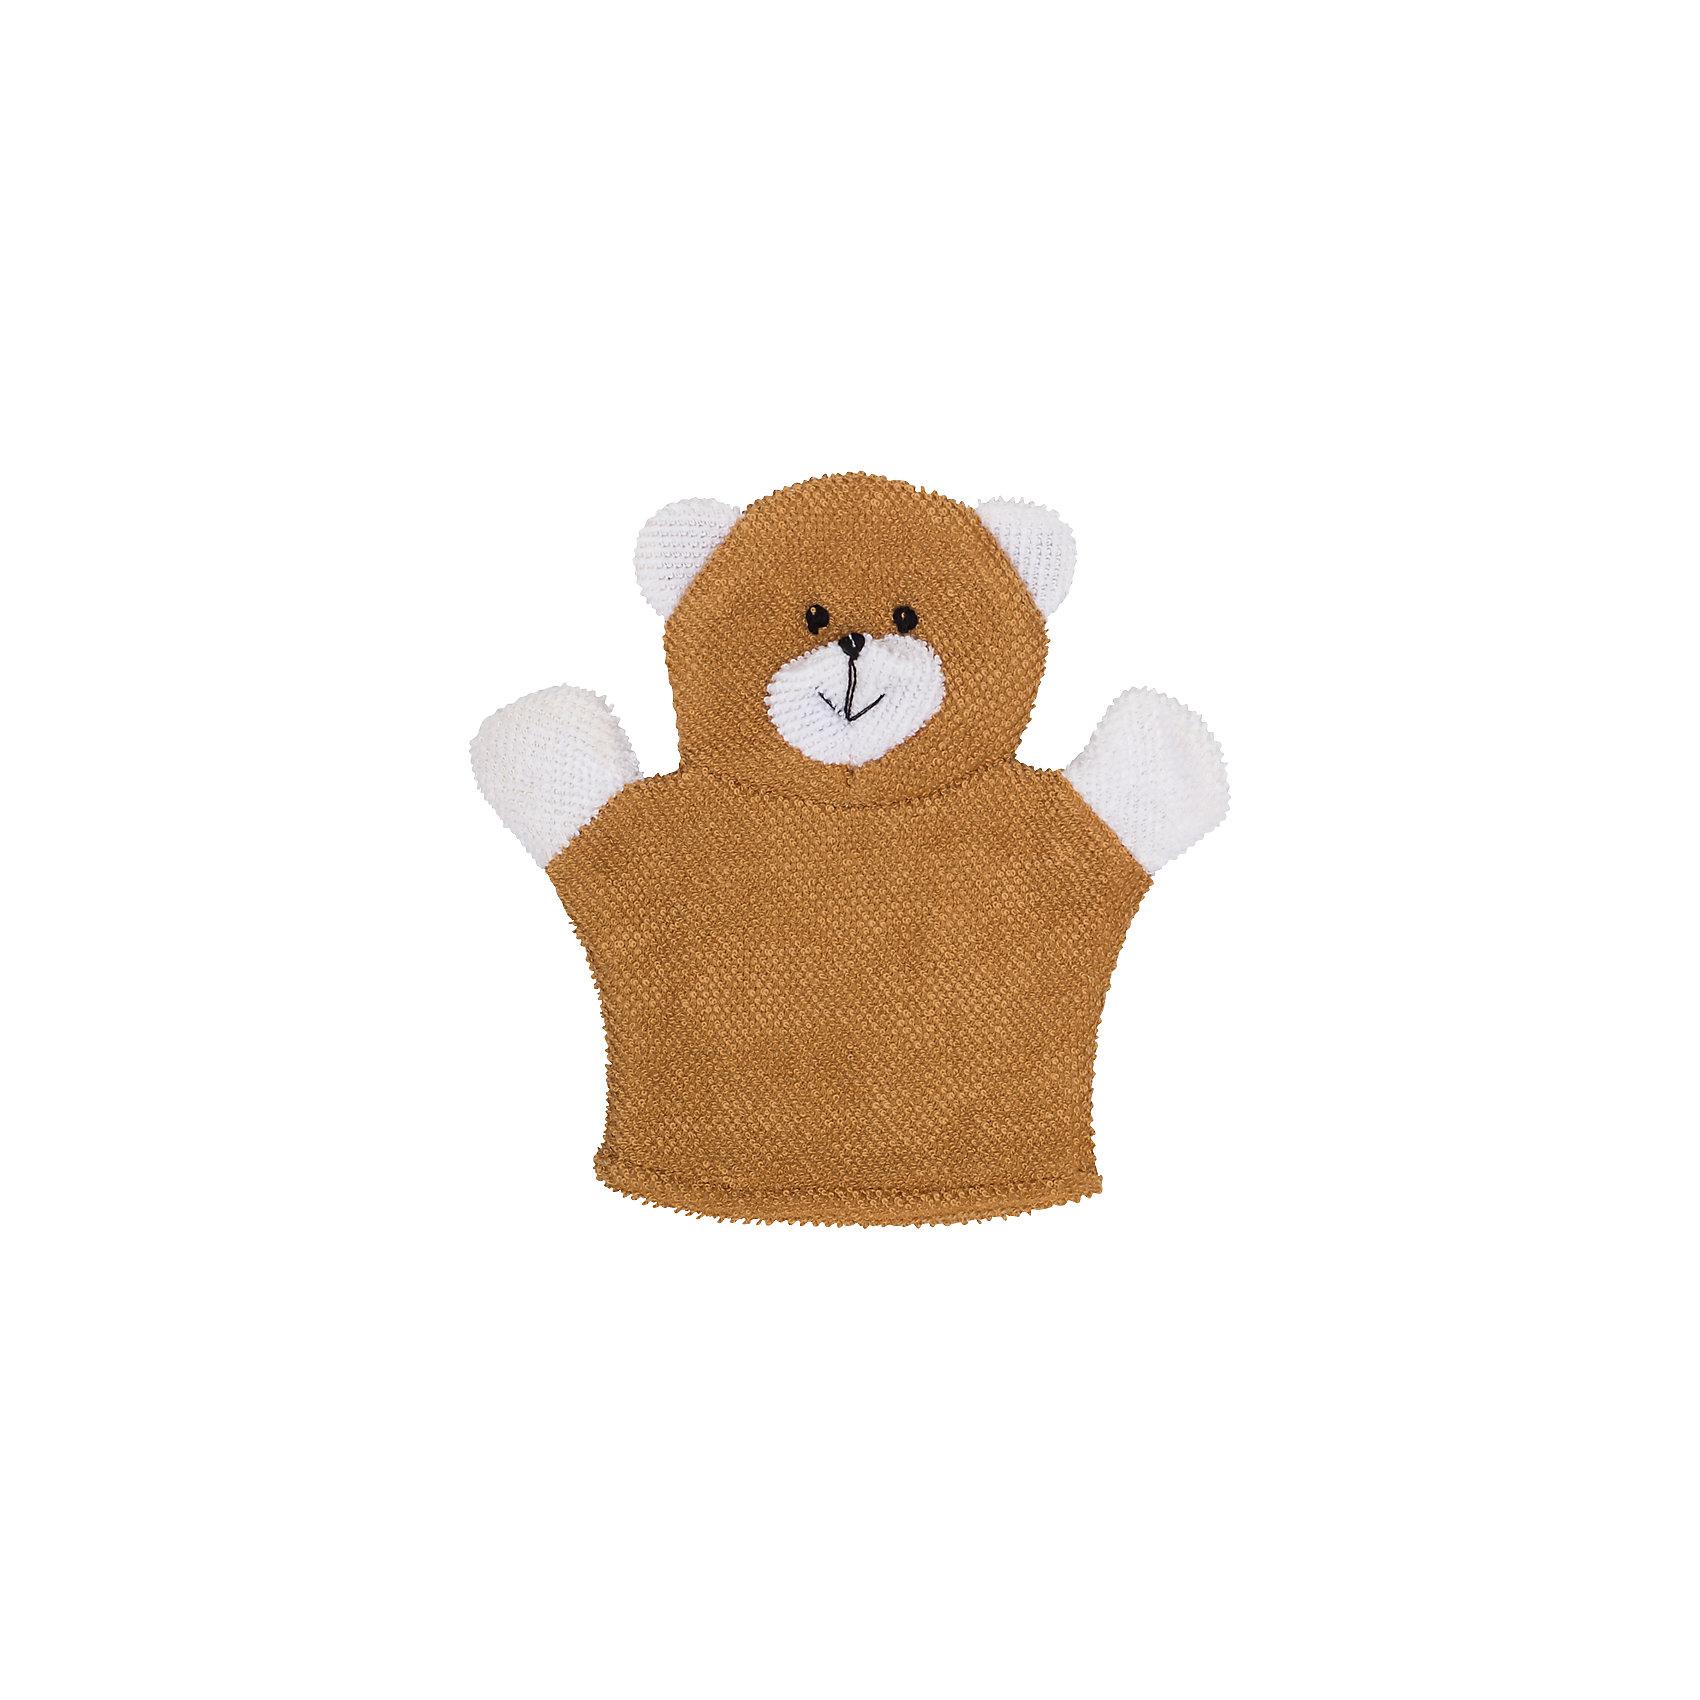 Махровая мочалка-рукавичка Baby Bear, Roxy-kidsПолотенца, мочалки, халаты<br>Махровая мочалка-рукавичка имеет мягкую фактуру, выполнена в виде веселого мишки, она приведет в восторг все малышей, сделает процесс купания веселым и радостным.  Поверхность бережно моет, не царапая и не раздражая нежную детскую кожу. Мочалка сшита из натурального хлопка, поэтому изделие подходит не только под все типы кожи, но и может использоваться для детей, склонных к кожным аллергиям. Натуральное волокно и гигиеничность компонента делают эту мочалку лучшей в числе детских мочалок для купания. <br><br>Дополнительная информация:<br><br>- Материал: хлопок.<br>- Размер упаковки: 15х25х1 см. <br><br>Махровую мочалку-рукавичку Baby Bear, Roxy-kids, можно купить в нашем магазине.<br><br>Ширина мм: 150<br>Глубина мм: 255<br>Высота мм: 10<br>Вес г: 100<br>Возраст от месяцев: 0<br>Возраст до месяцев: 36<br>Пол: Унисекс<br>Возраст: Детский<br>SKU: 4264177